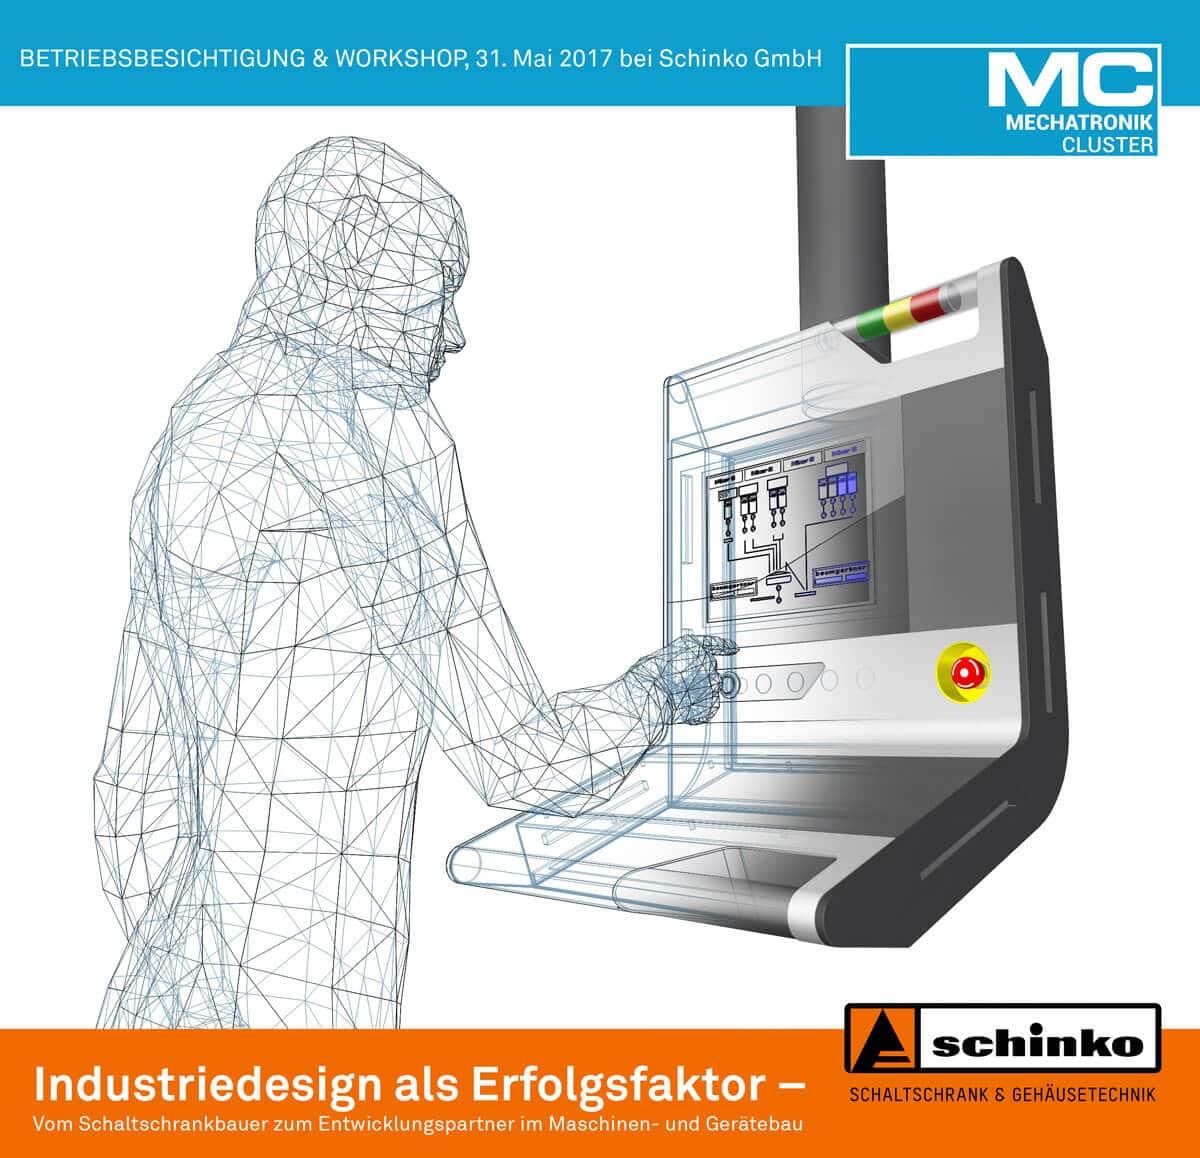 Industriedesign als Erfolgsfaktor - Betriebsbesichtigung und Workshop am 31. Mai 2017 bei Schinko GmbH